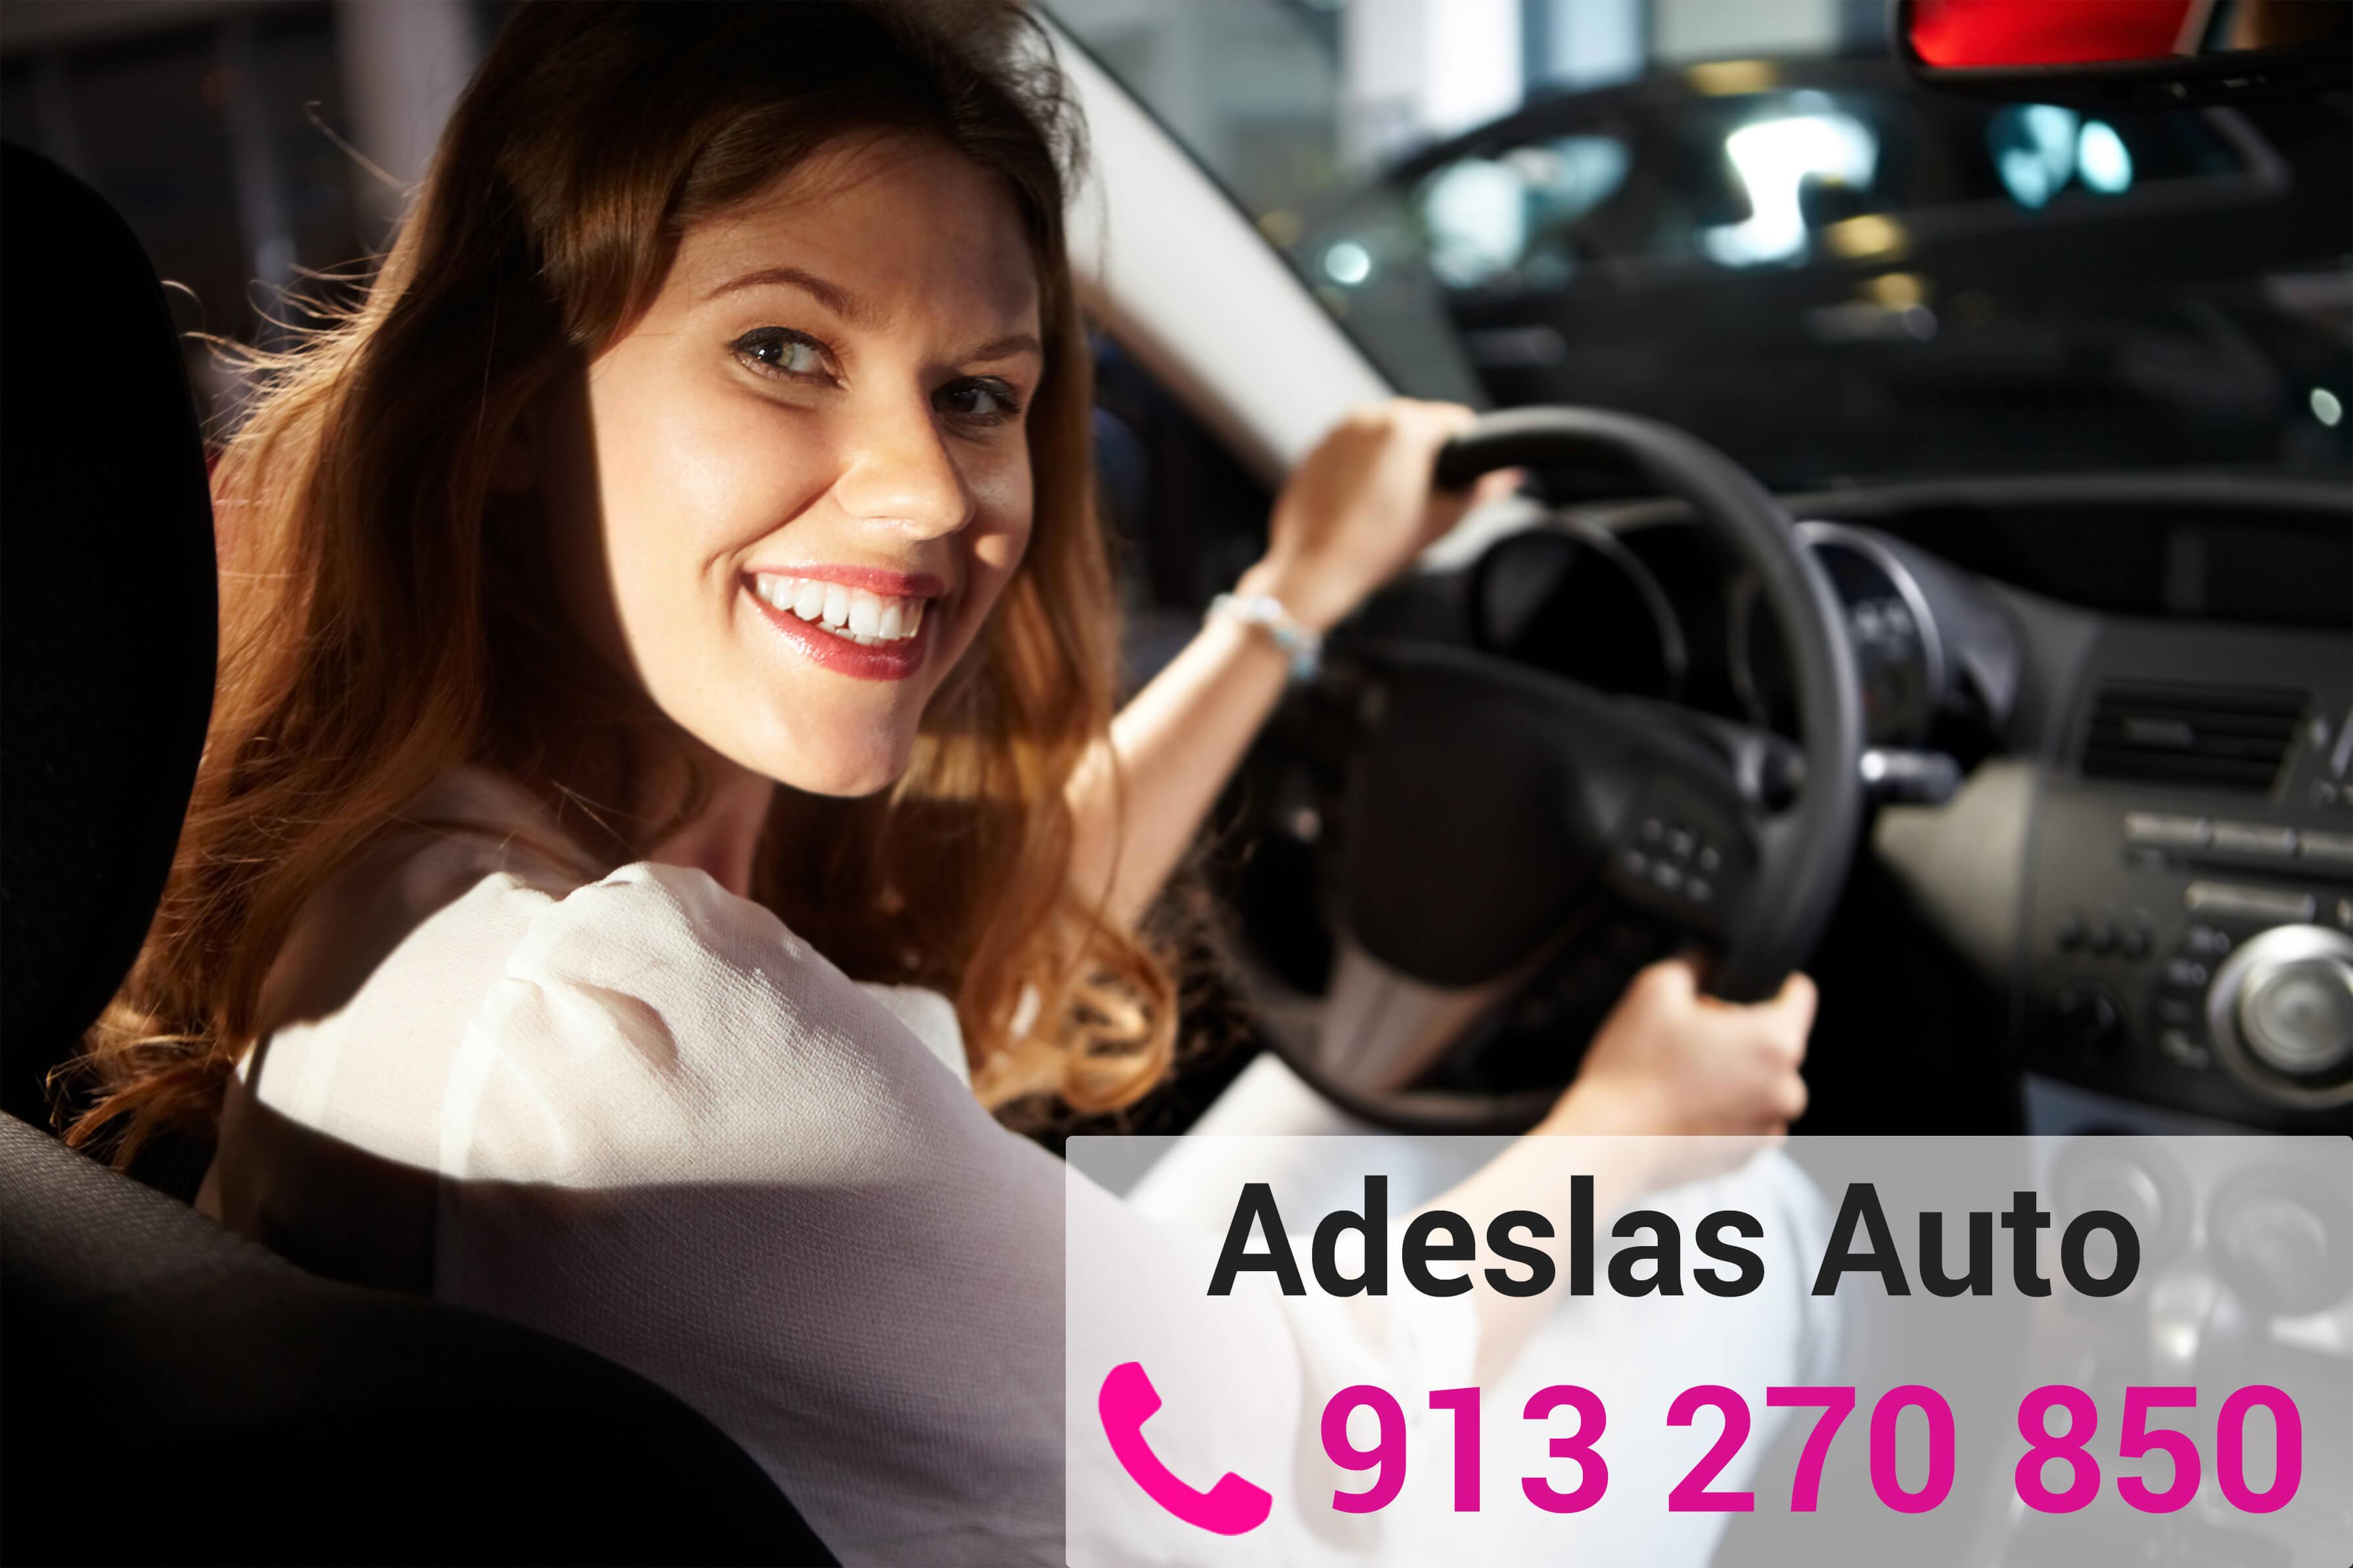 Adeslas Auto Seguro Coche Seguros Adeslas 913 270 850